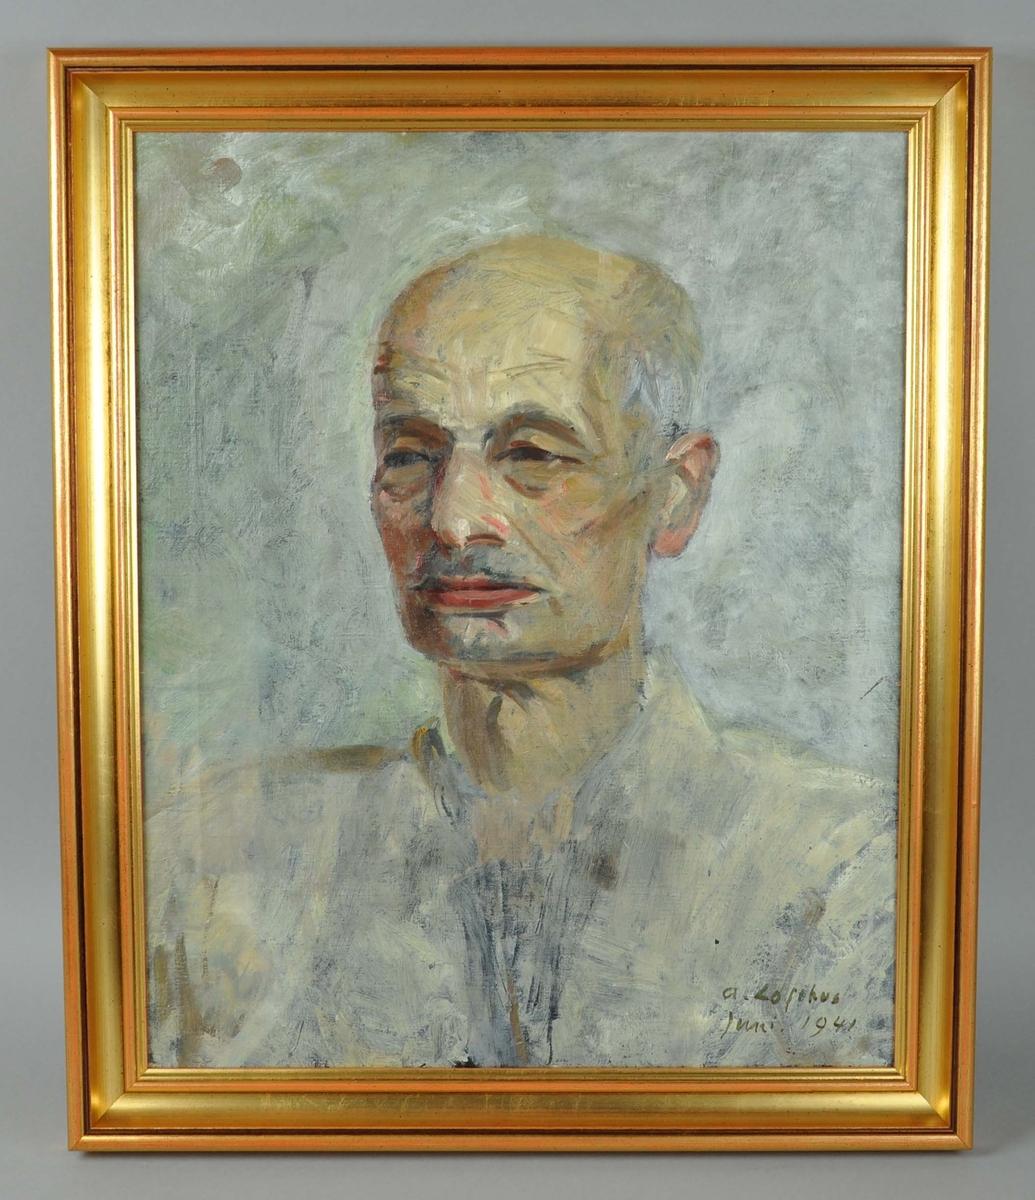 Malt portrett av Anders Svarstad, malt av Arne Lofthus. Maleriet har stående format og motiv er Anders Svarstad i profil. Rundt maleriet går en profilert, gullforgylt ramme av tre.